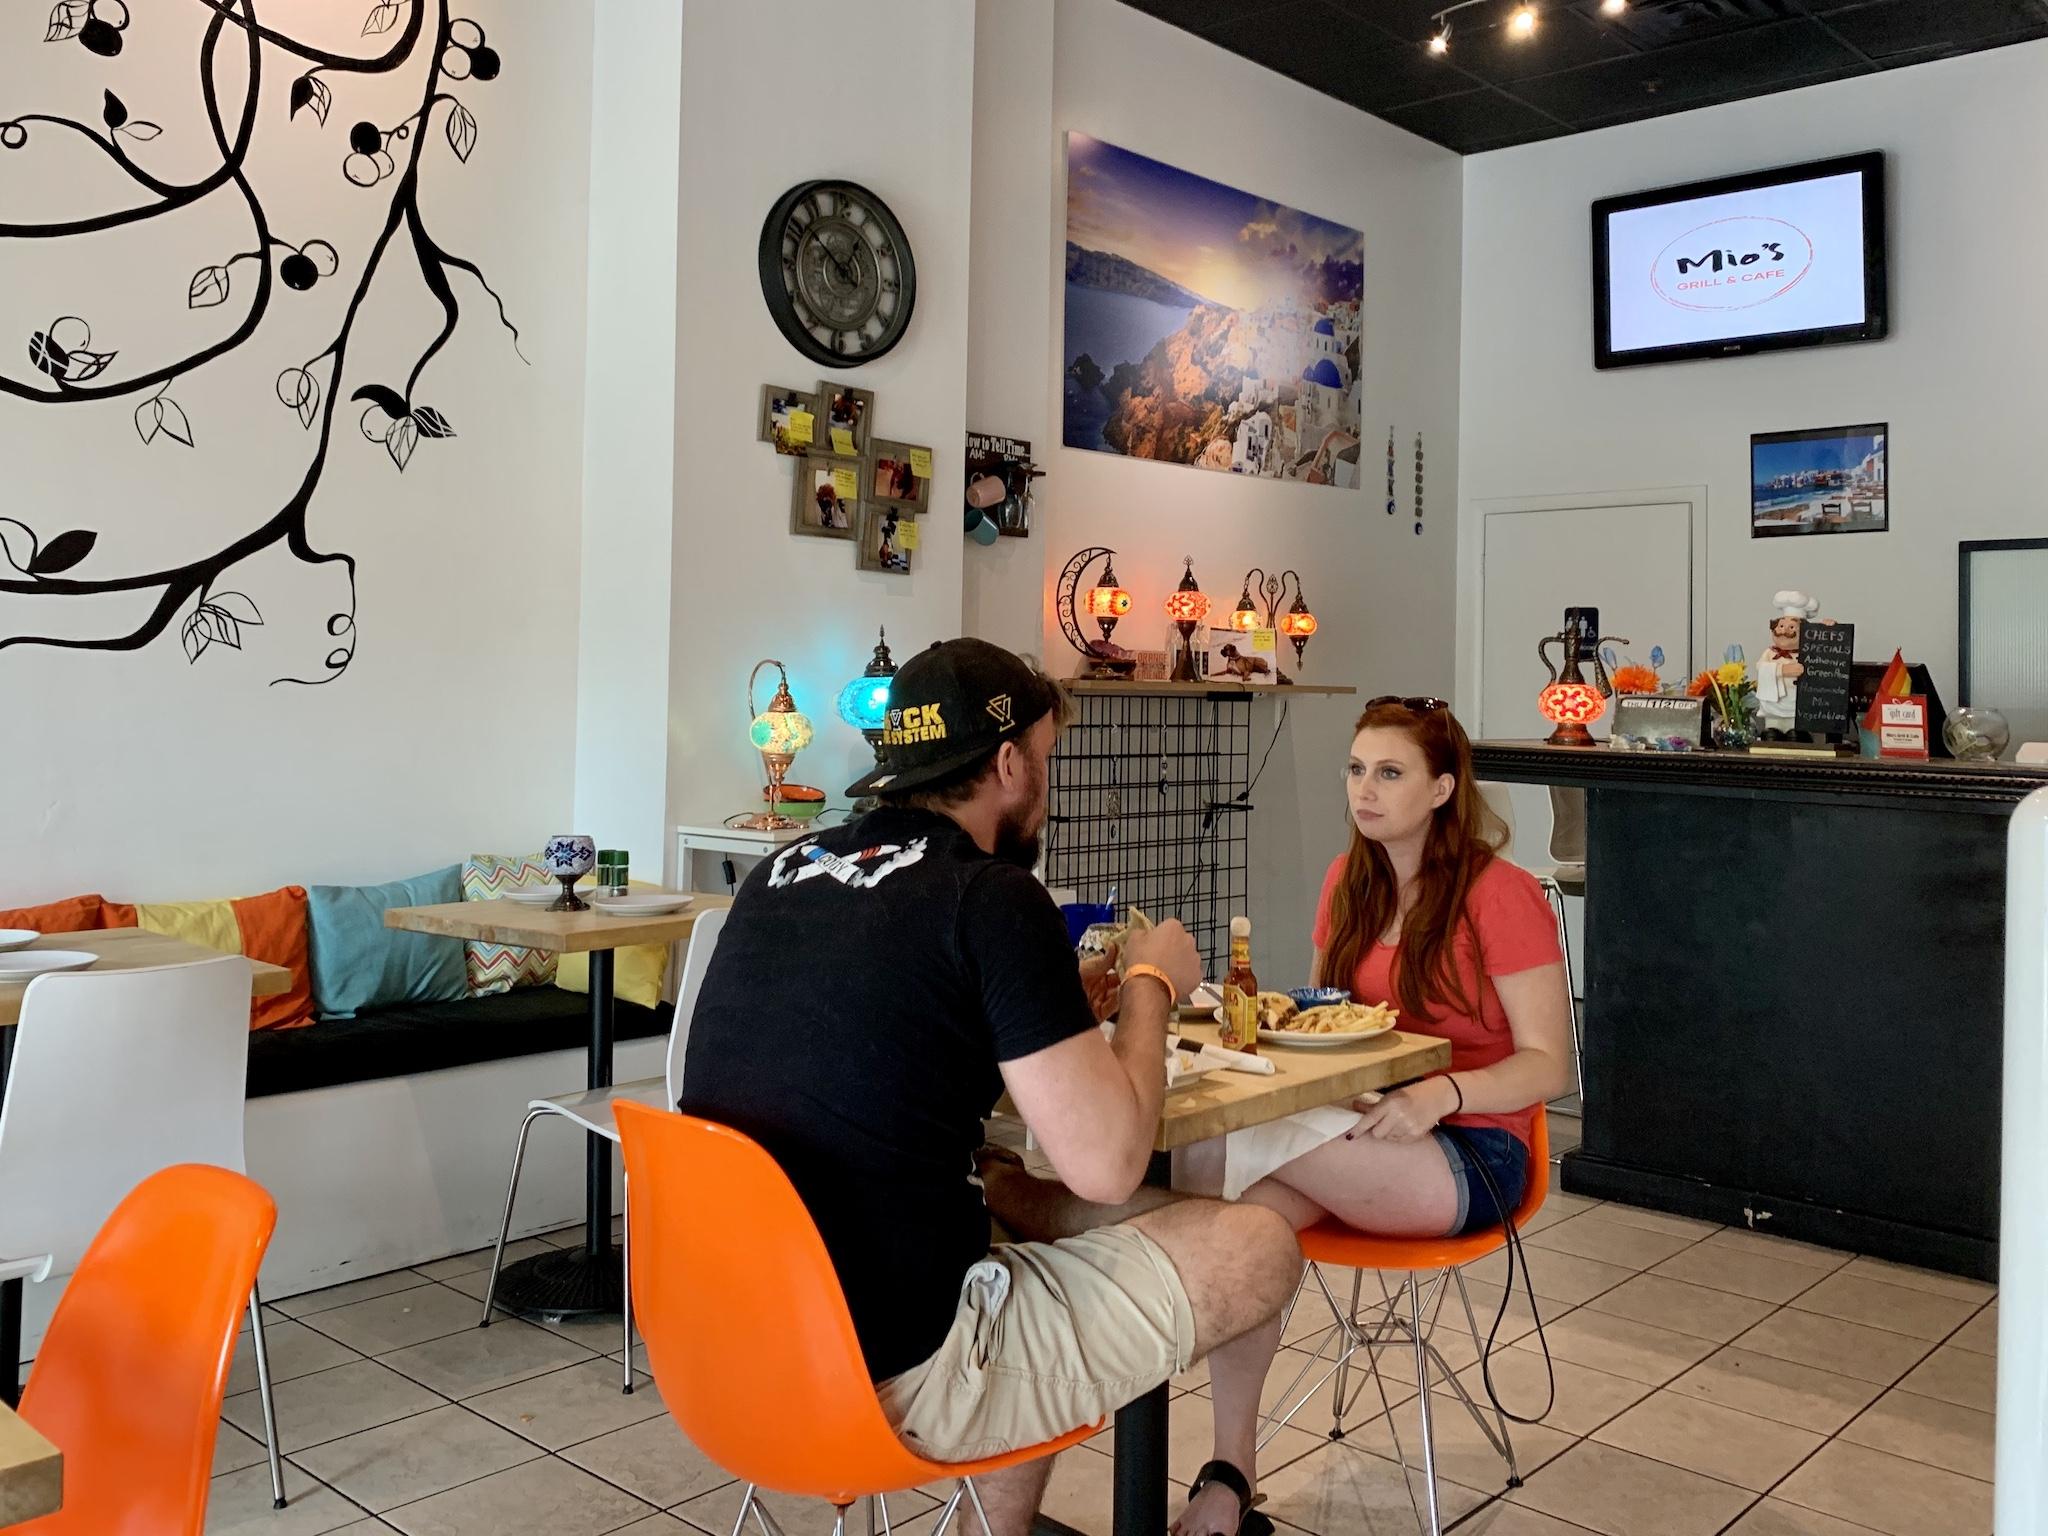 Mio's Grill & Cafe More Interior